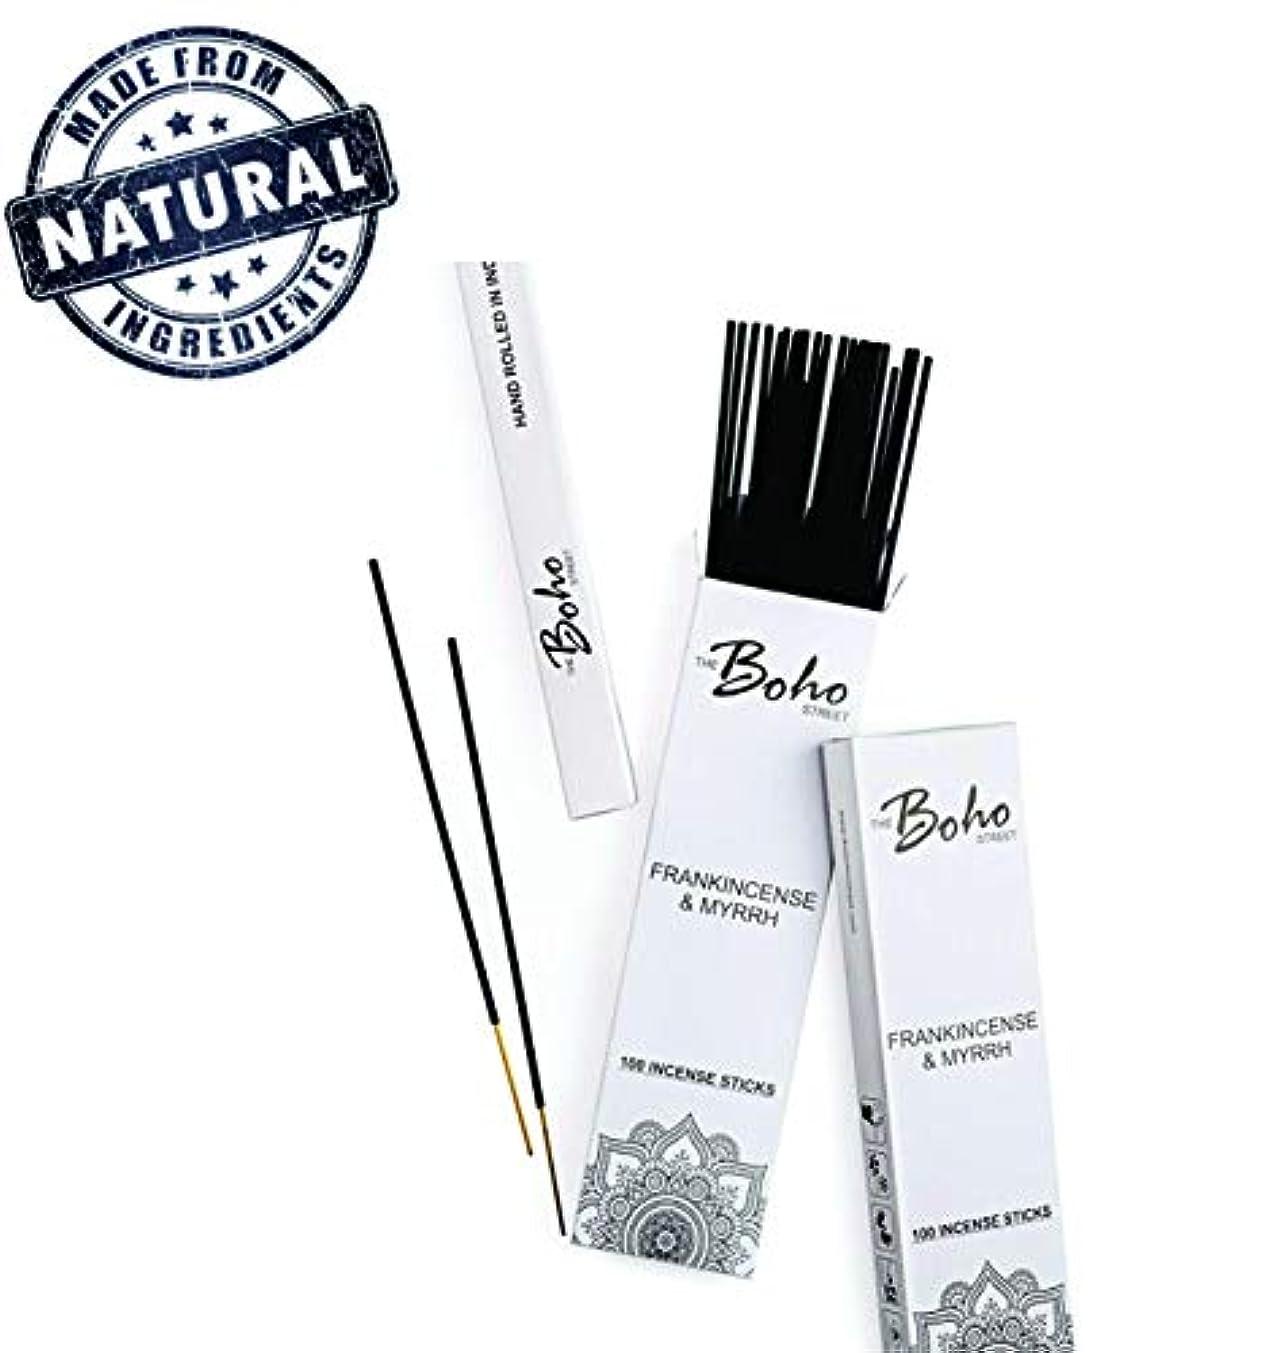 毎週ストッキング皮肉(100) - The Boho Street Premium Incense Sticks - Frankincense and Myrrh 100% Hand Rolled Hand Dipped in India...